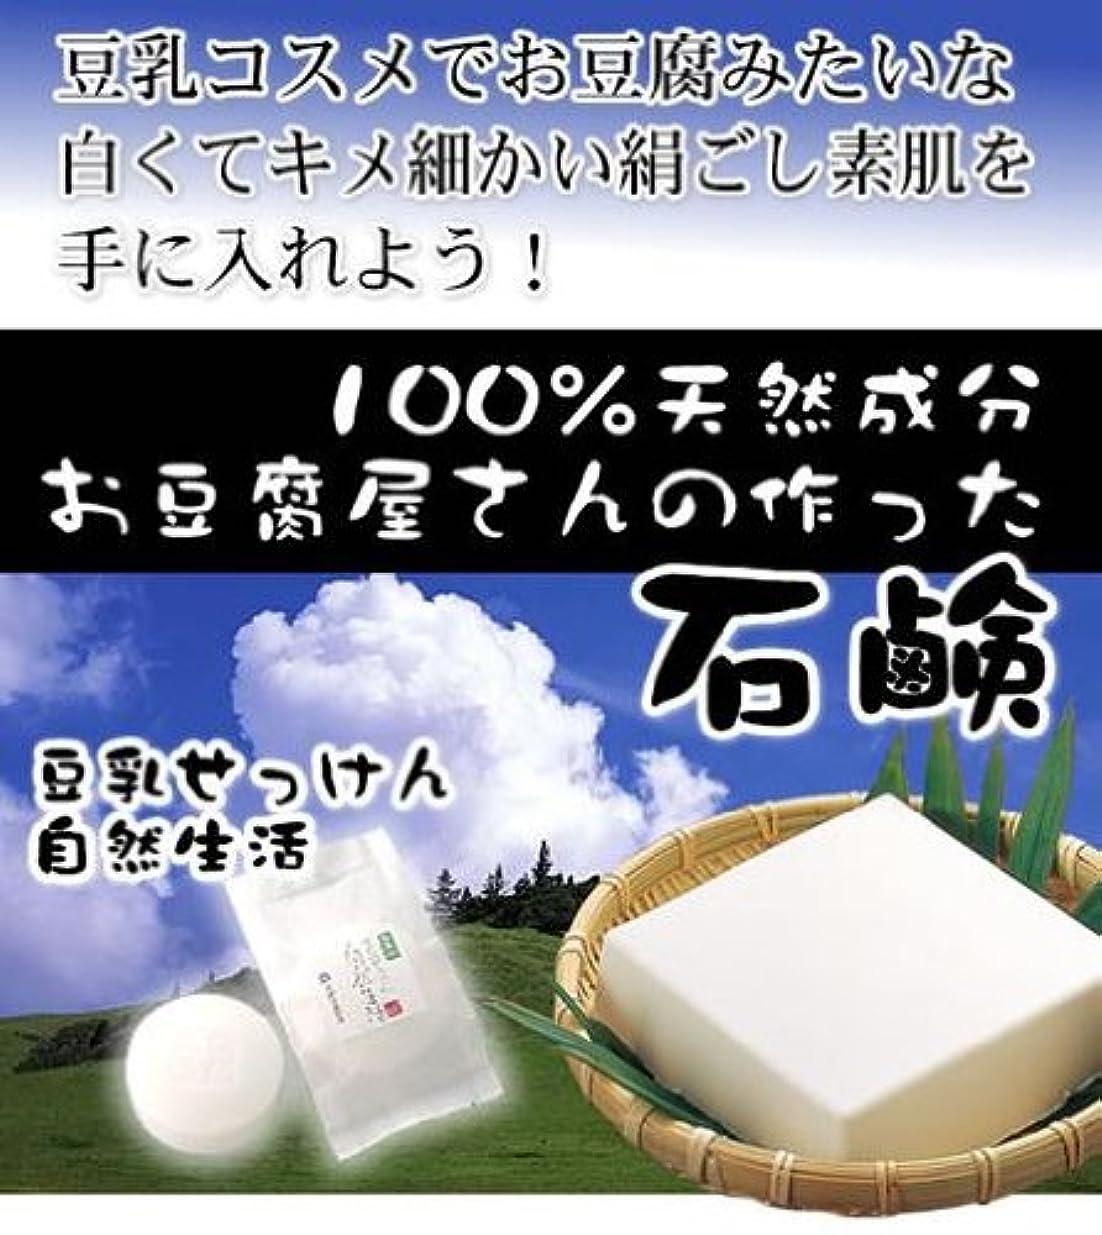 サンダー炭素ヘルパー豆腐の盛田屋 豆乳せっけん 自然生活/引越し/新生活/プレゼント/ギフト